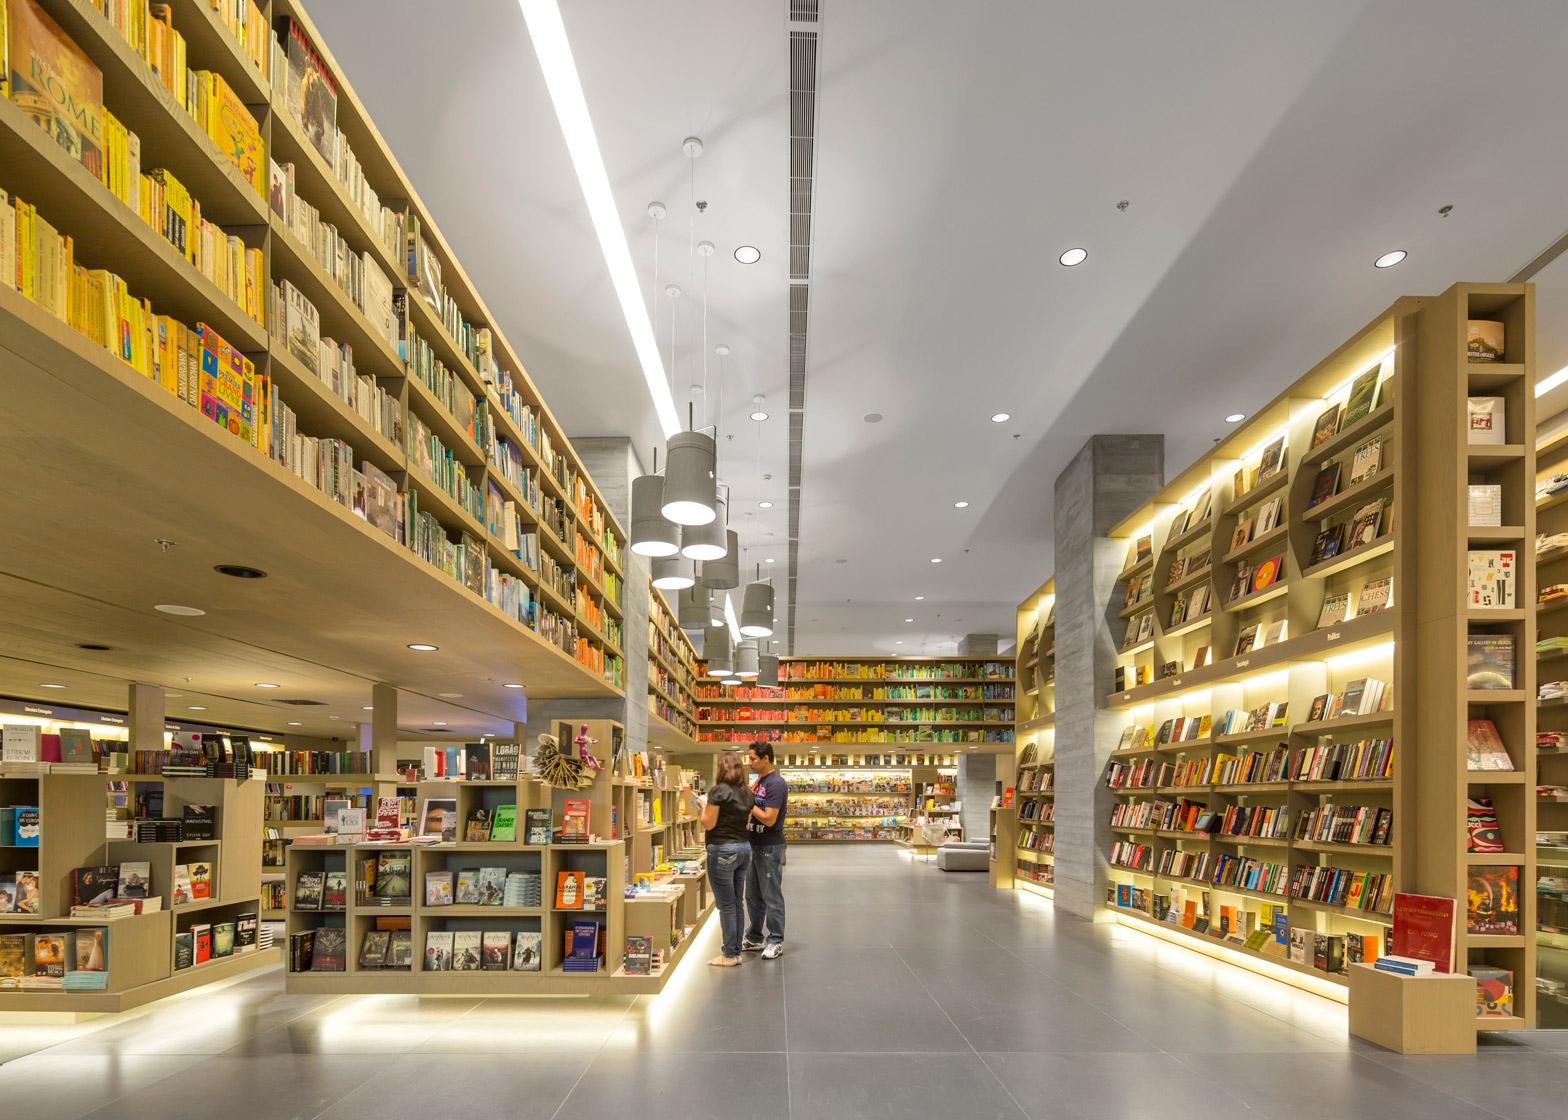 Saraiva bookshop by Studio Arthur Casas